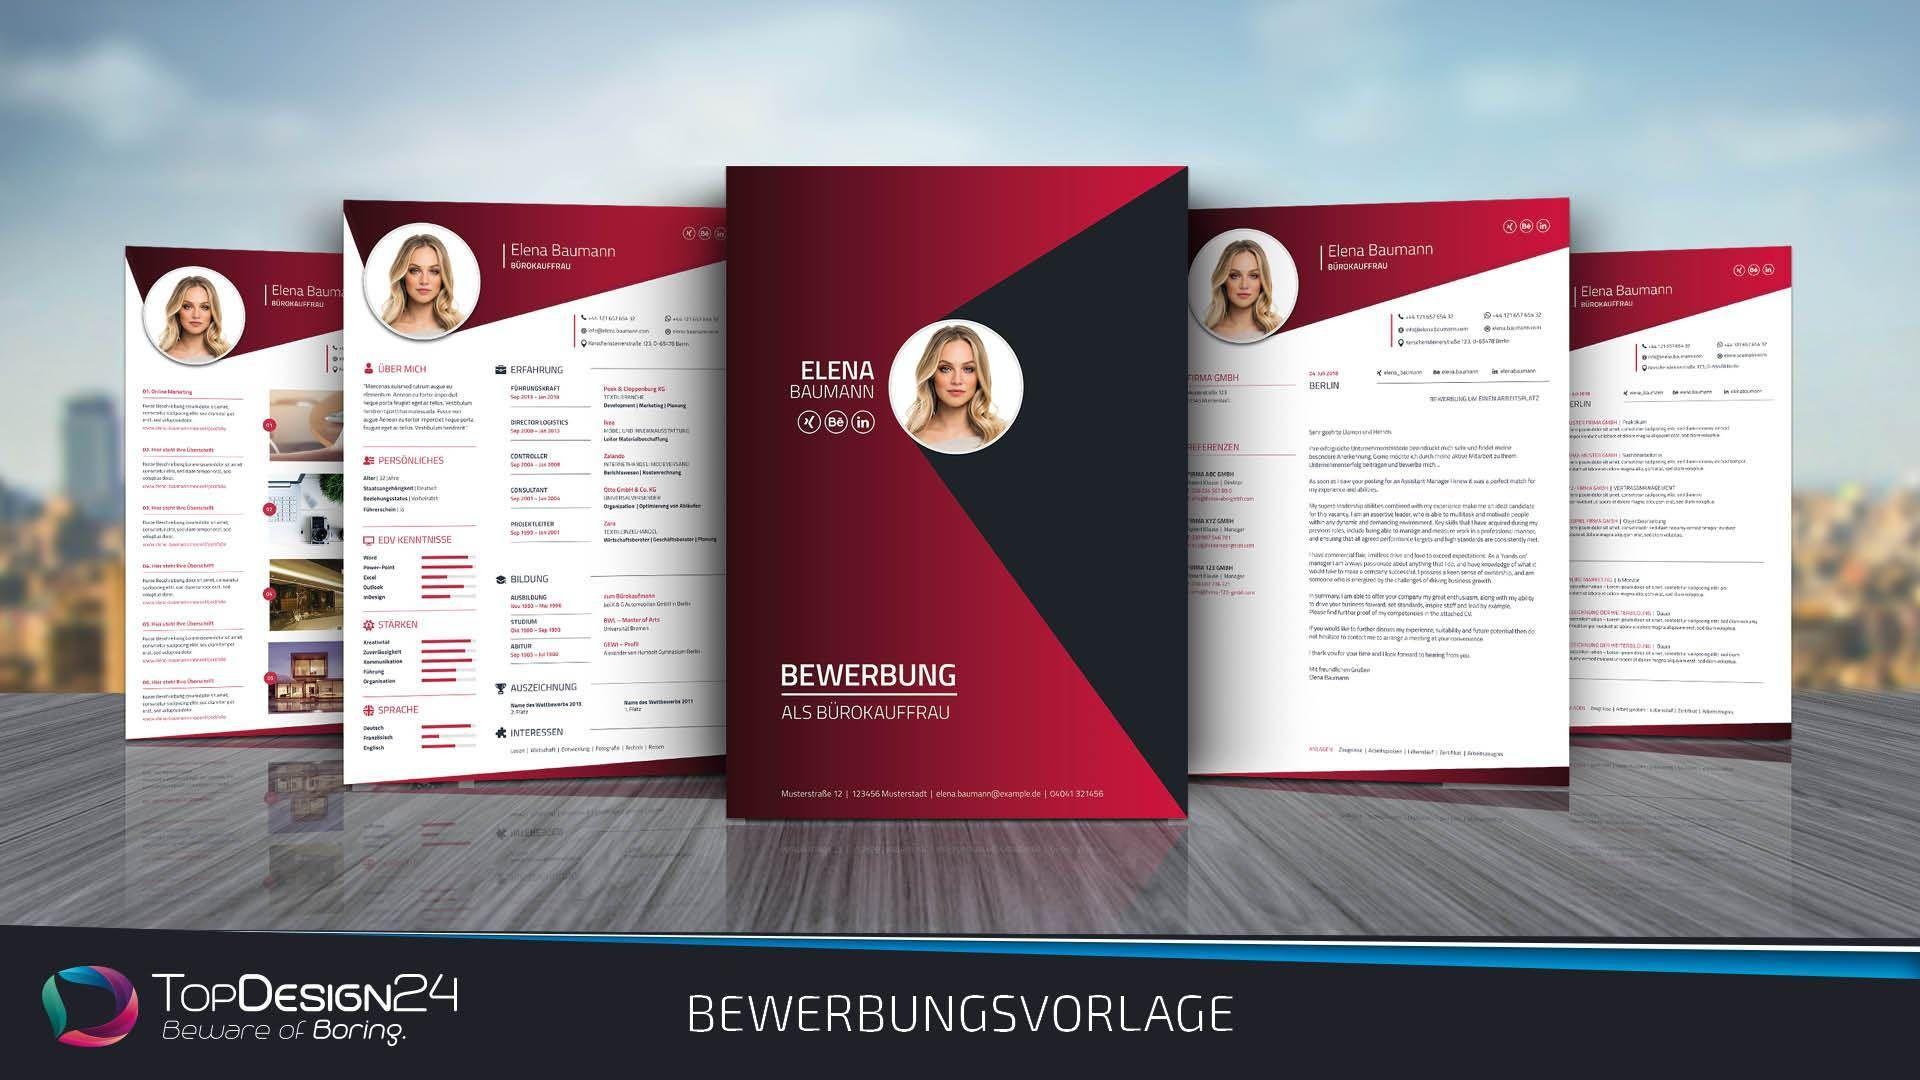 Lebenslauf Vorlage 2019 2021 Topdesign24 Bewerbungsvorlage Word Vorlagen Lebenslauf Vorlage Deckblatt Bewerbung Lebenslauf